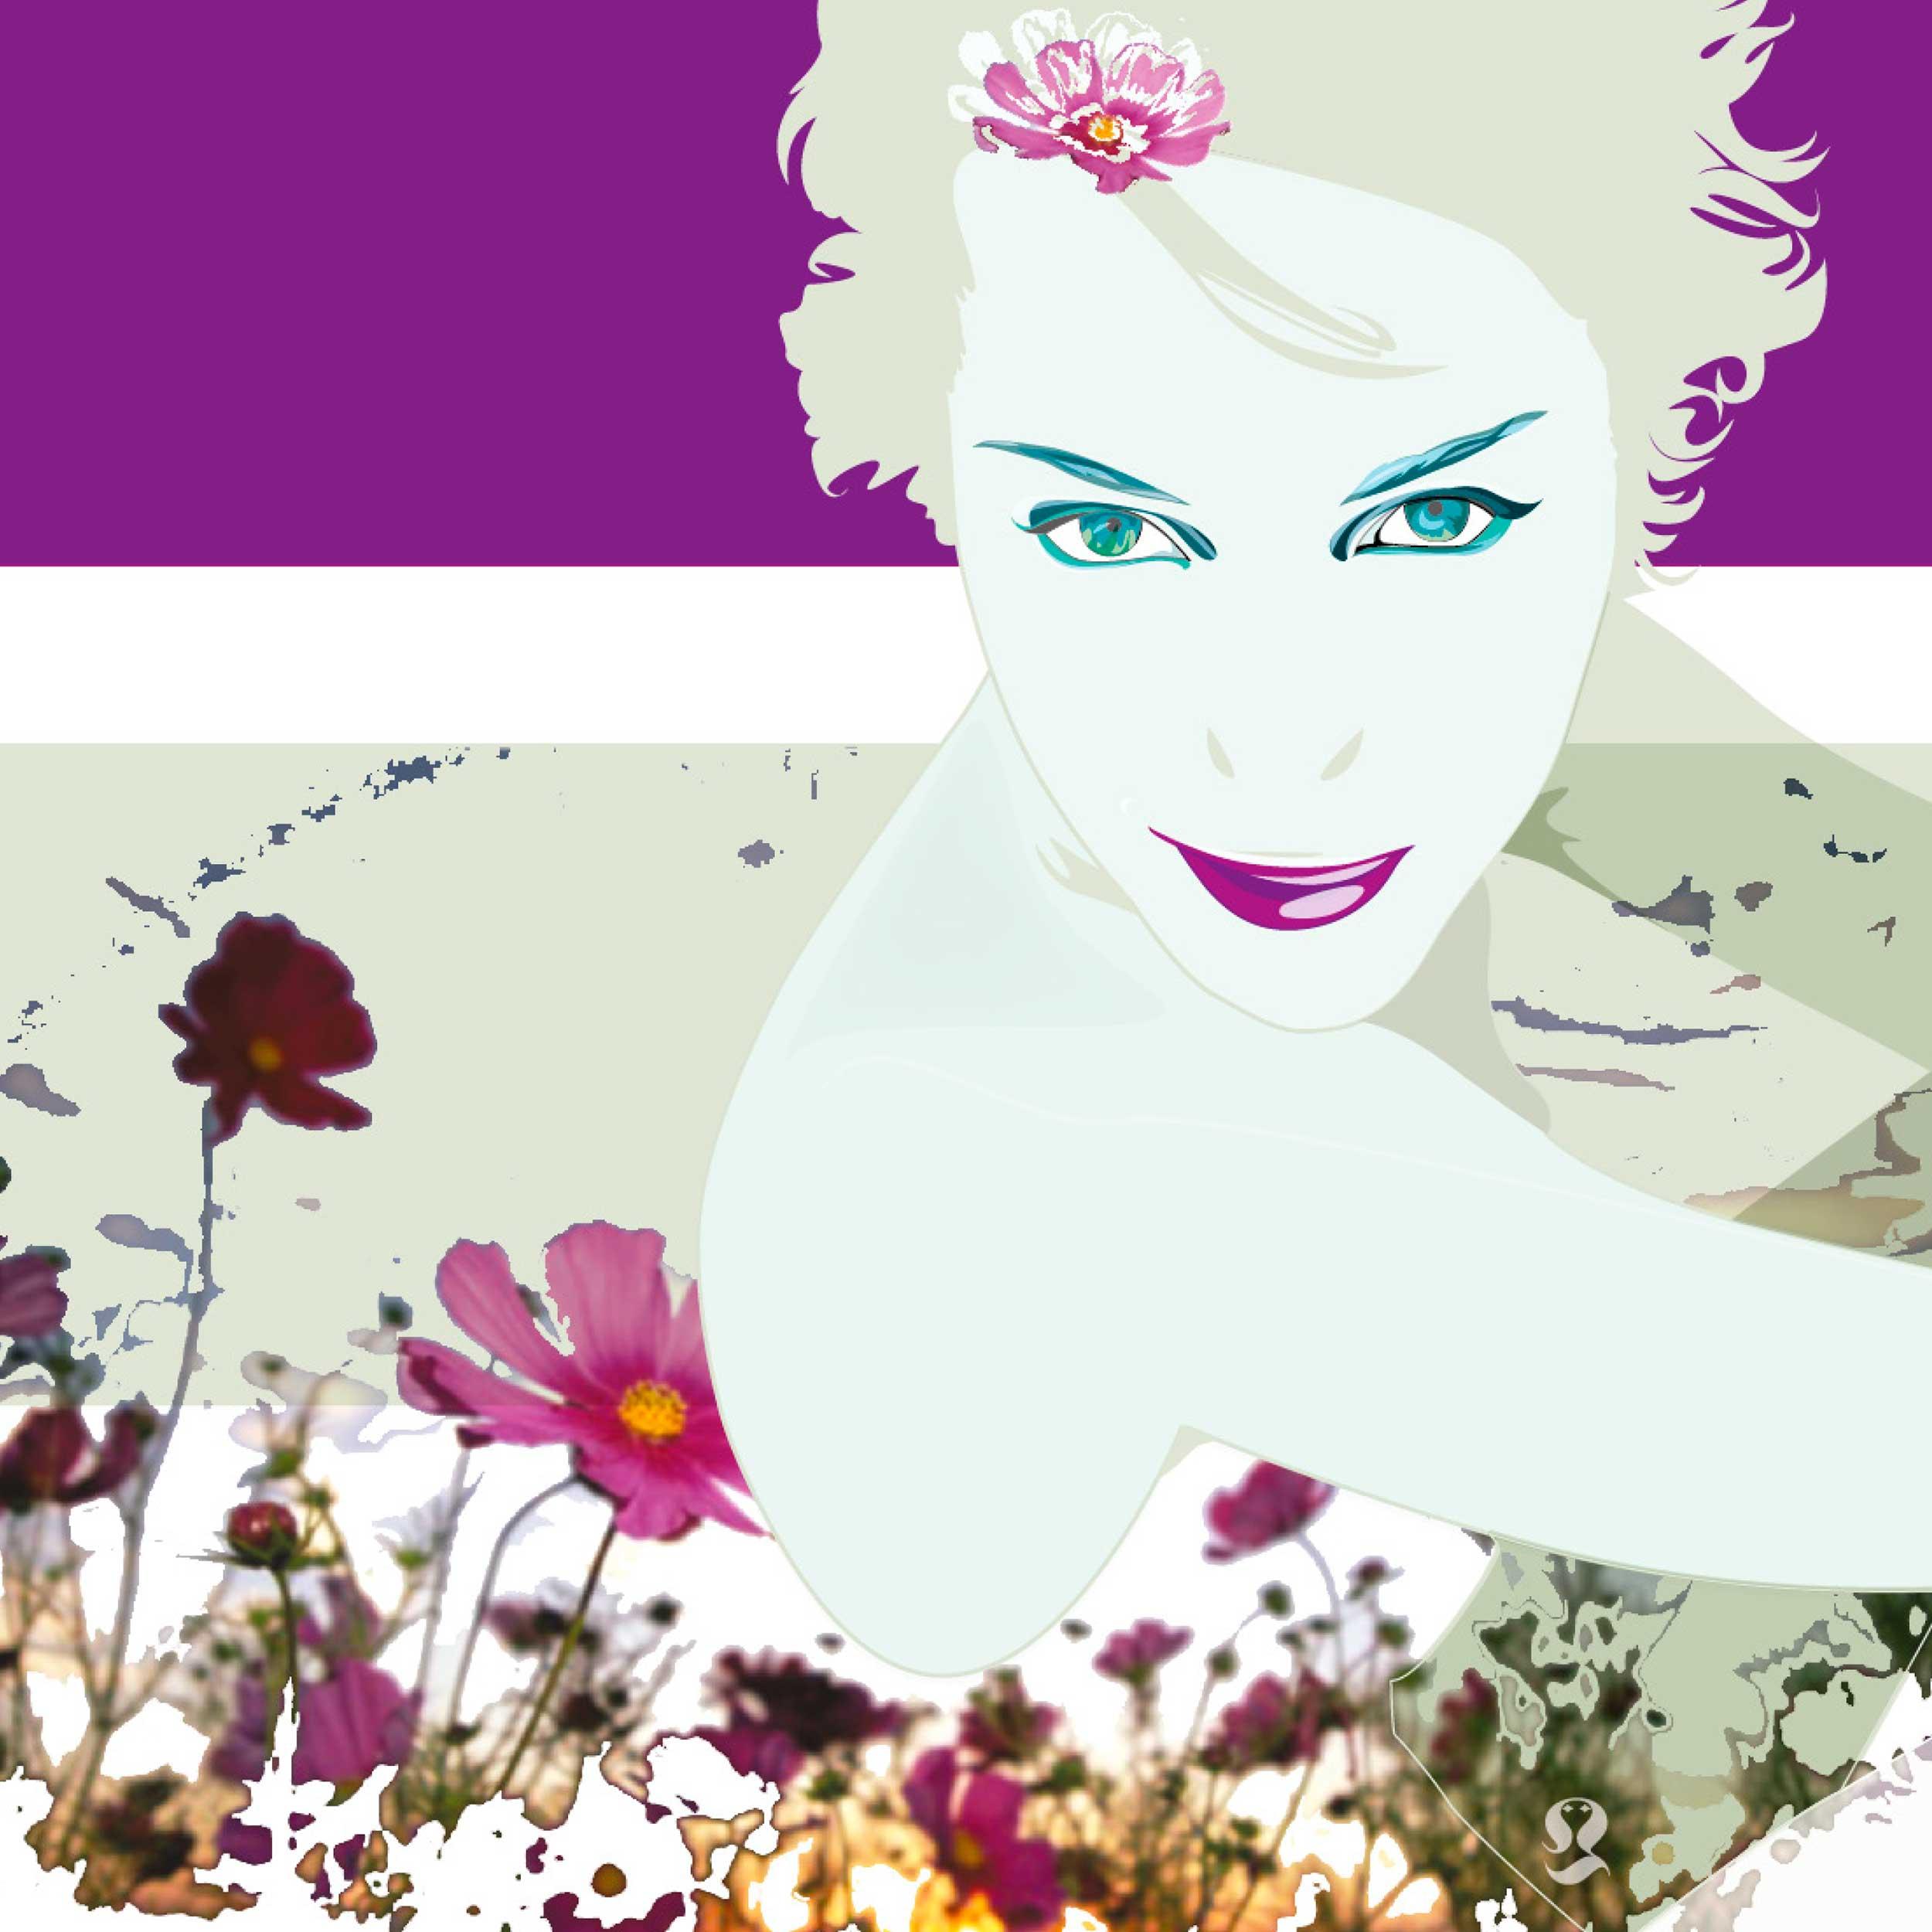 illustrazioni-agenzia-comunicazione-padova-k89design